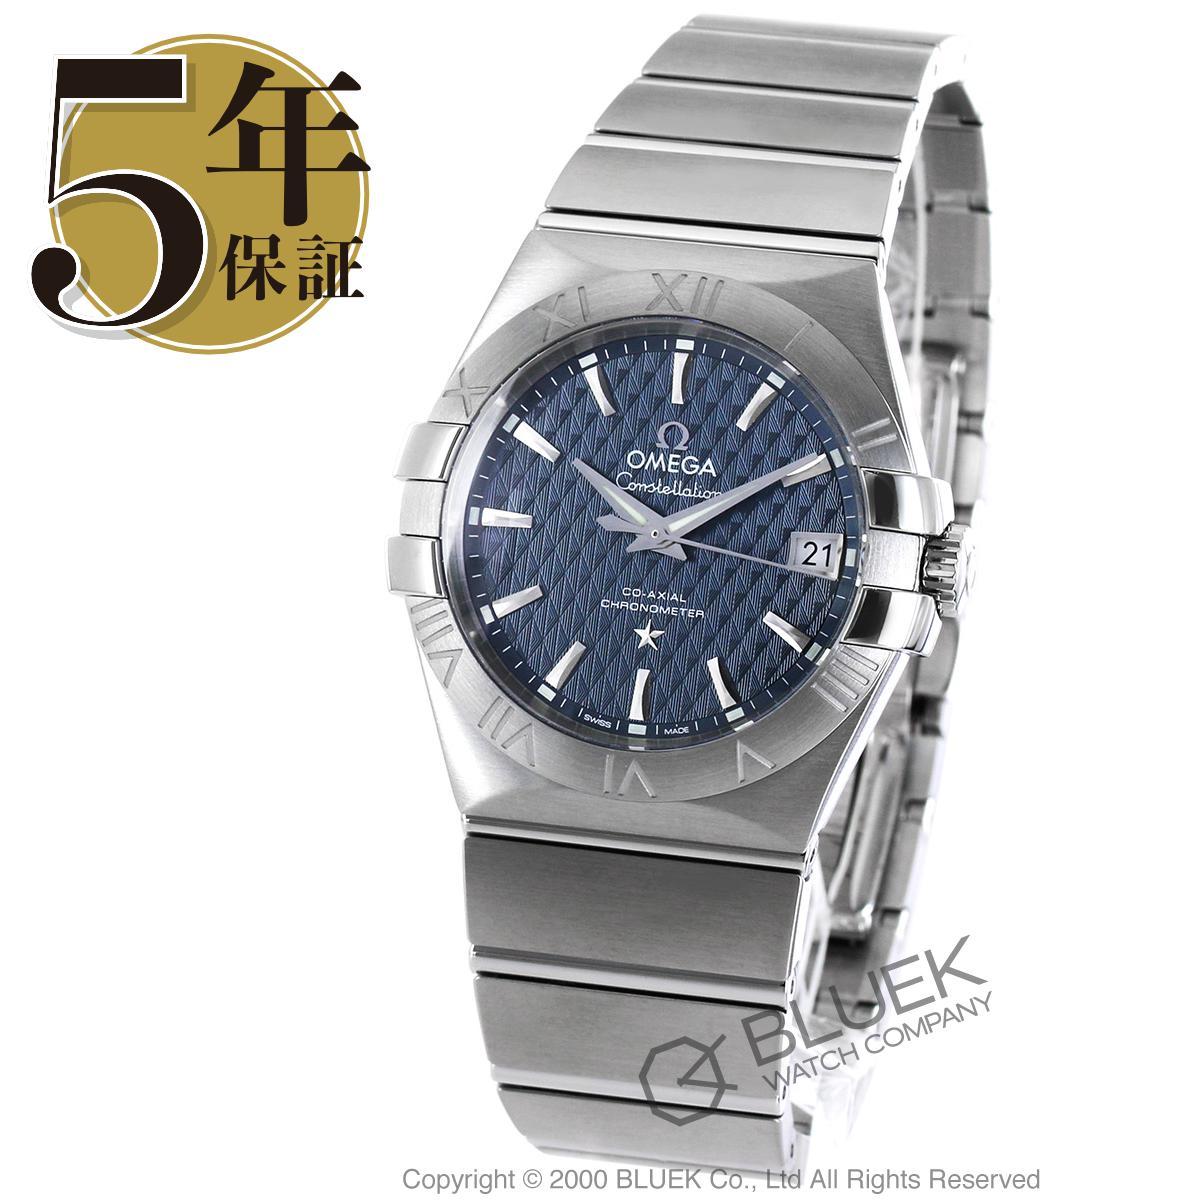 オメガ コンステレーション ブラッシュ 腕時計 メンズ OMEGA 123.10.35.20.03.002_8 バーゲン ギフト プレゼント